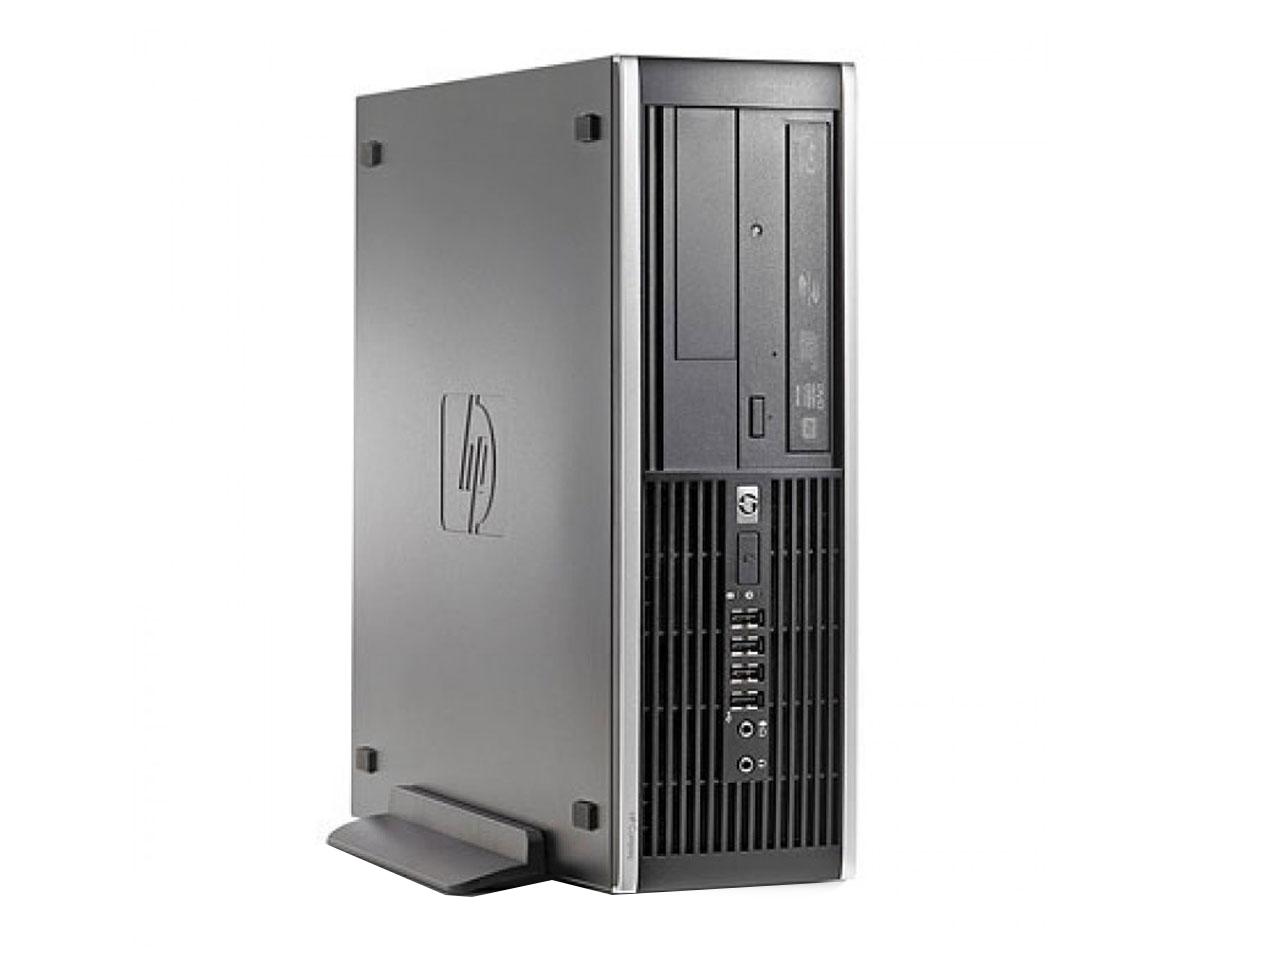 Hewlett Packard Elite 8300 SFF